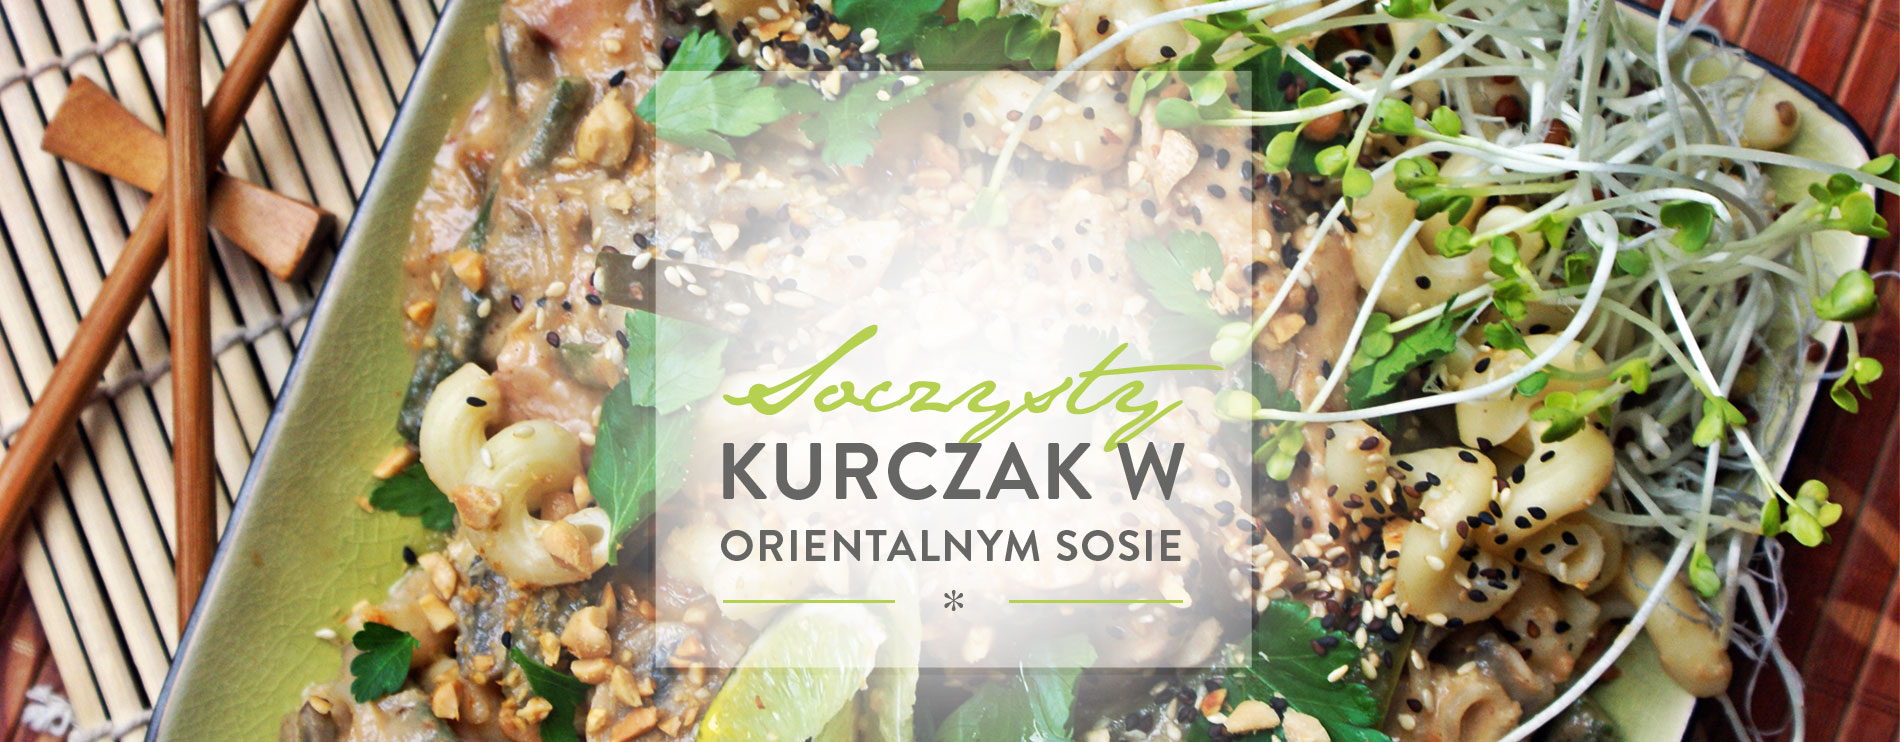 Soczysty-kurczak_header_food-PL